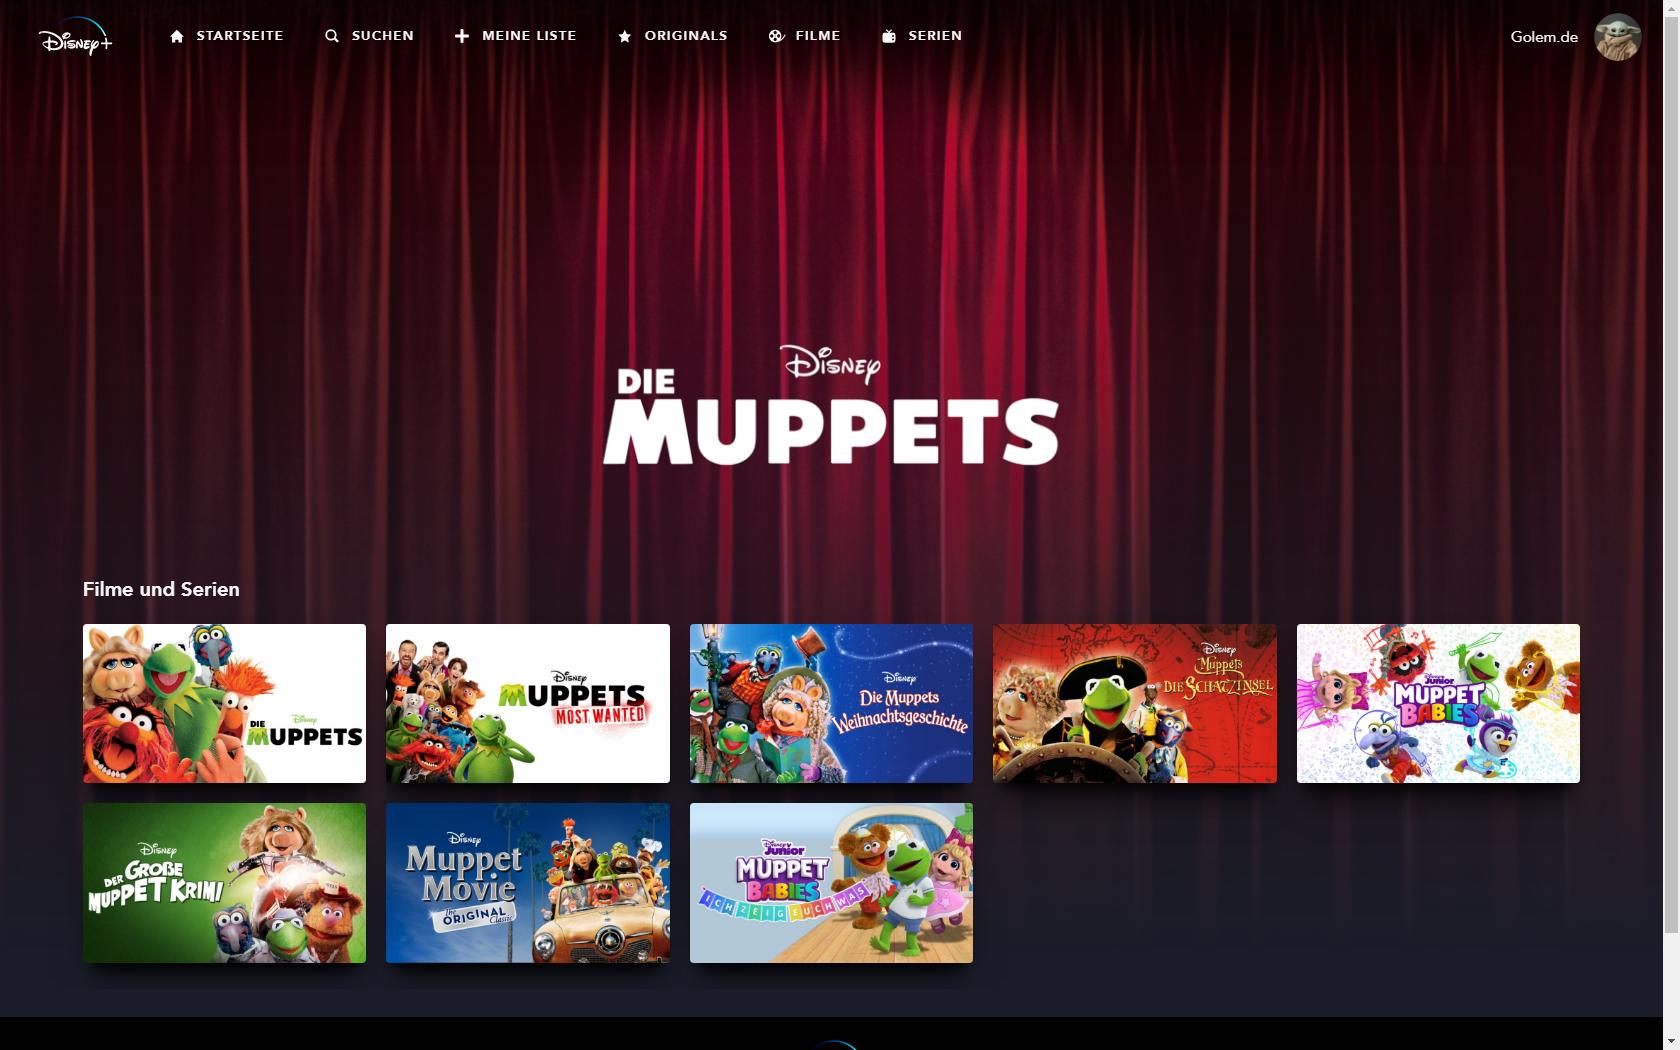 Konkurrenz für Netflix und Prime Video: Disney nennt Filme und Serien für Disney+ in Deutschland - Muppets-Kollektion bei Disney+ (Bild: Disney+/Screenshot: Golem.de)